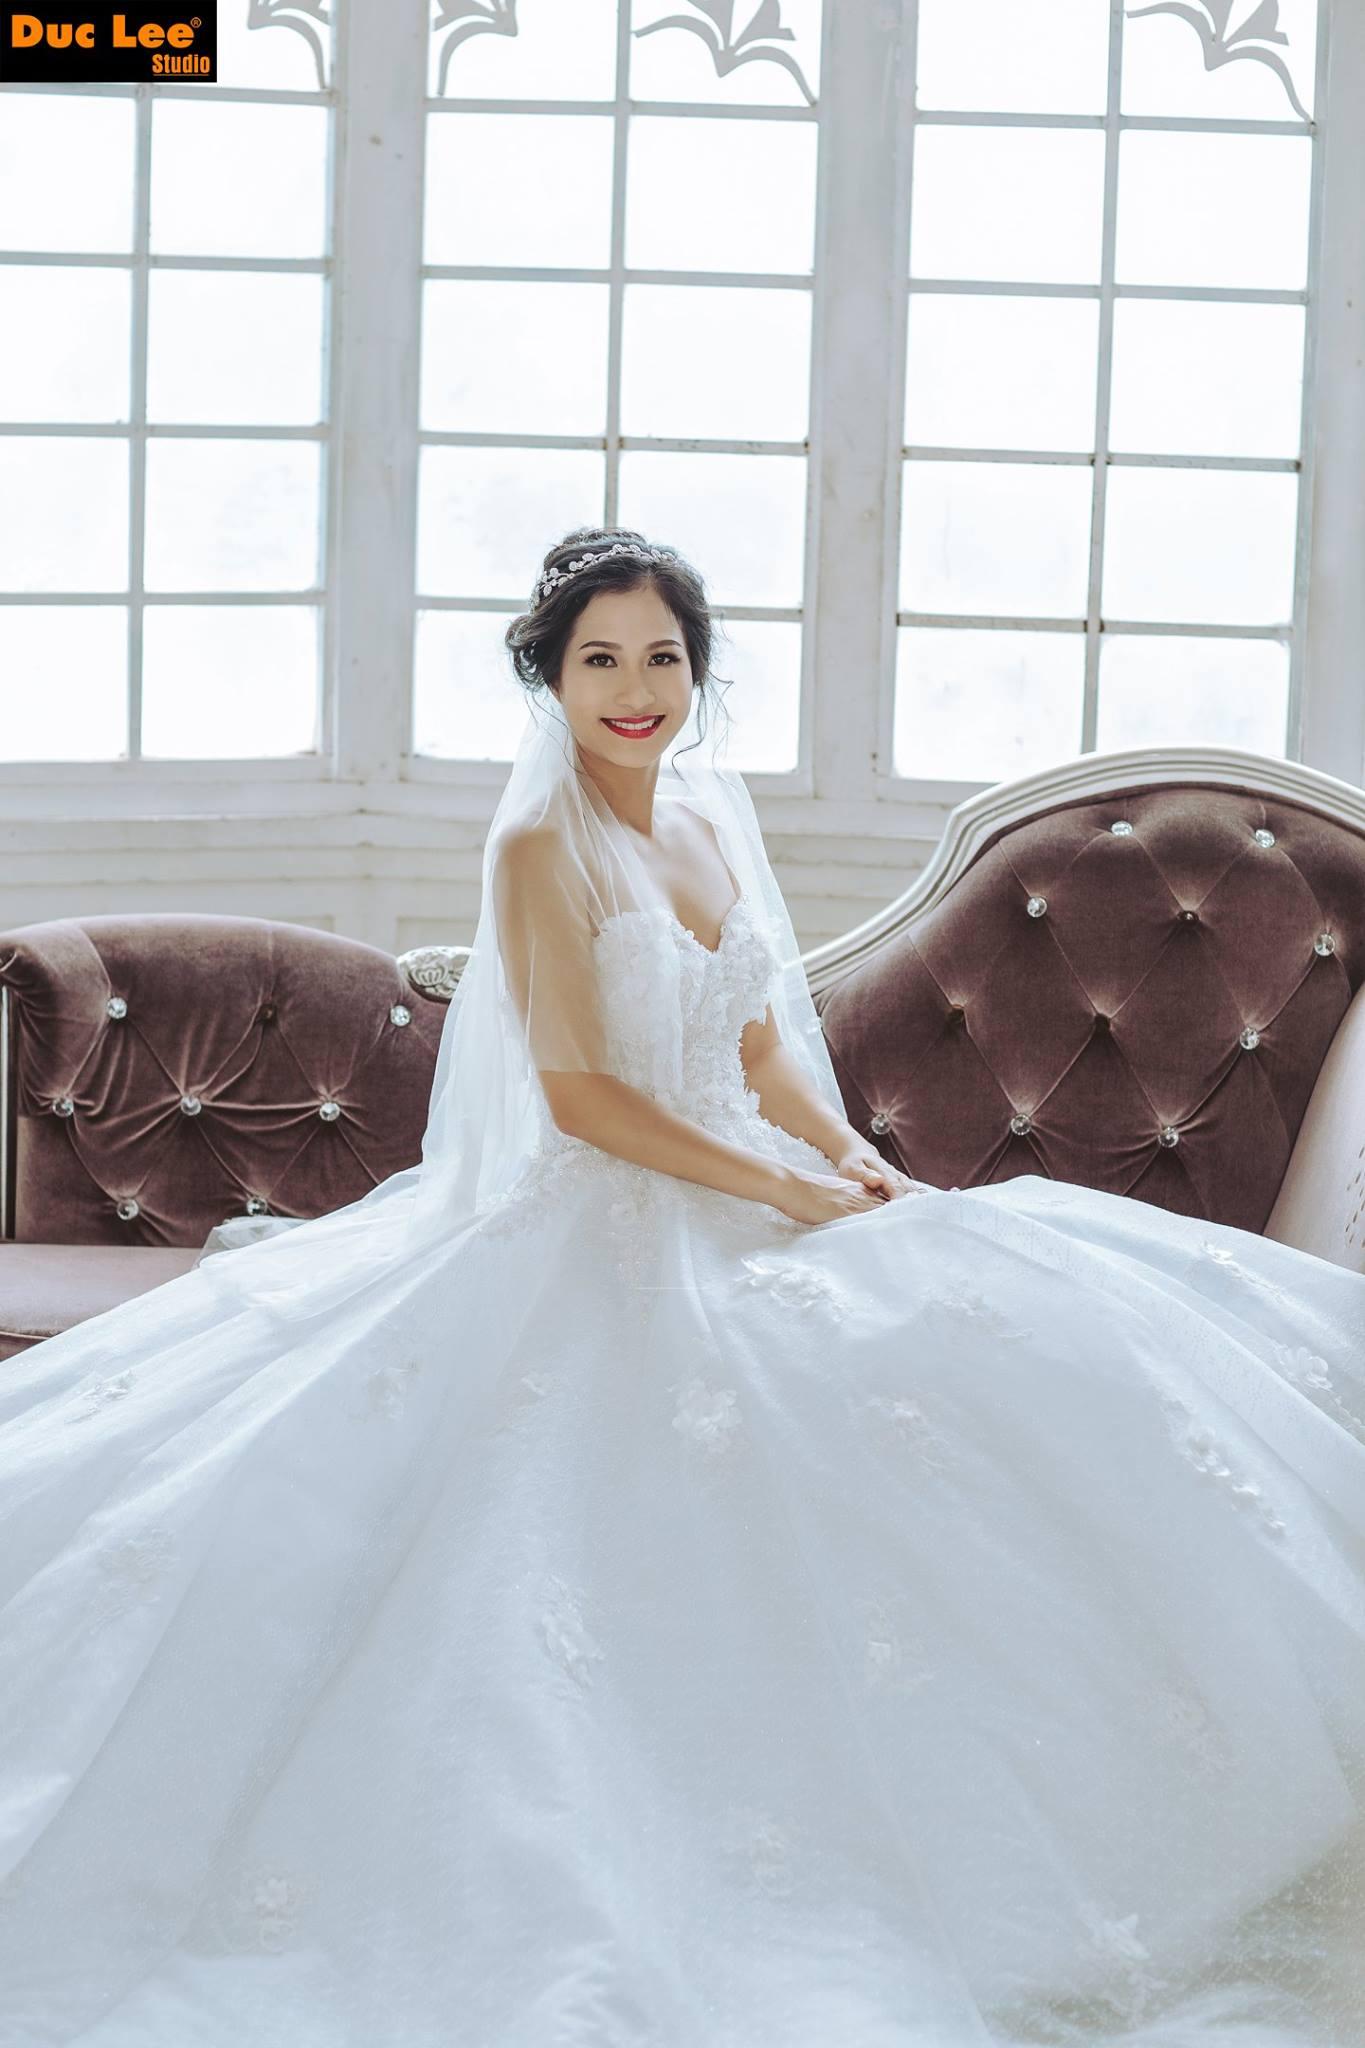 Áo cưới tại Duc Lee Studio